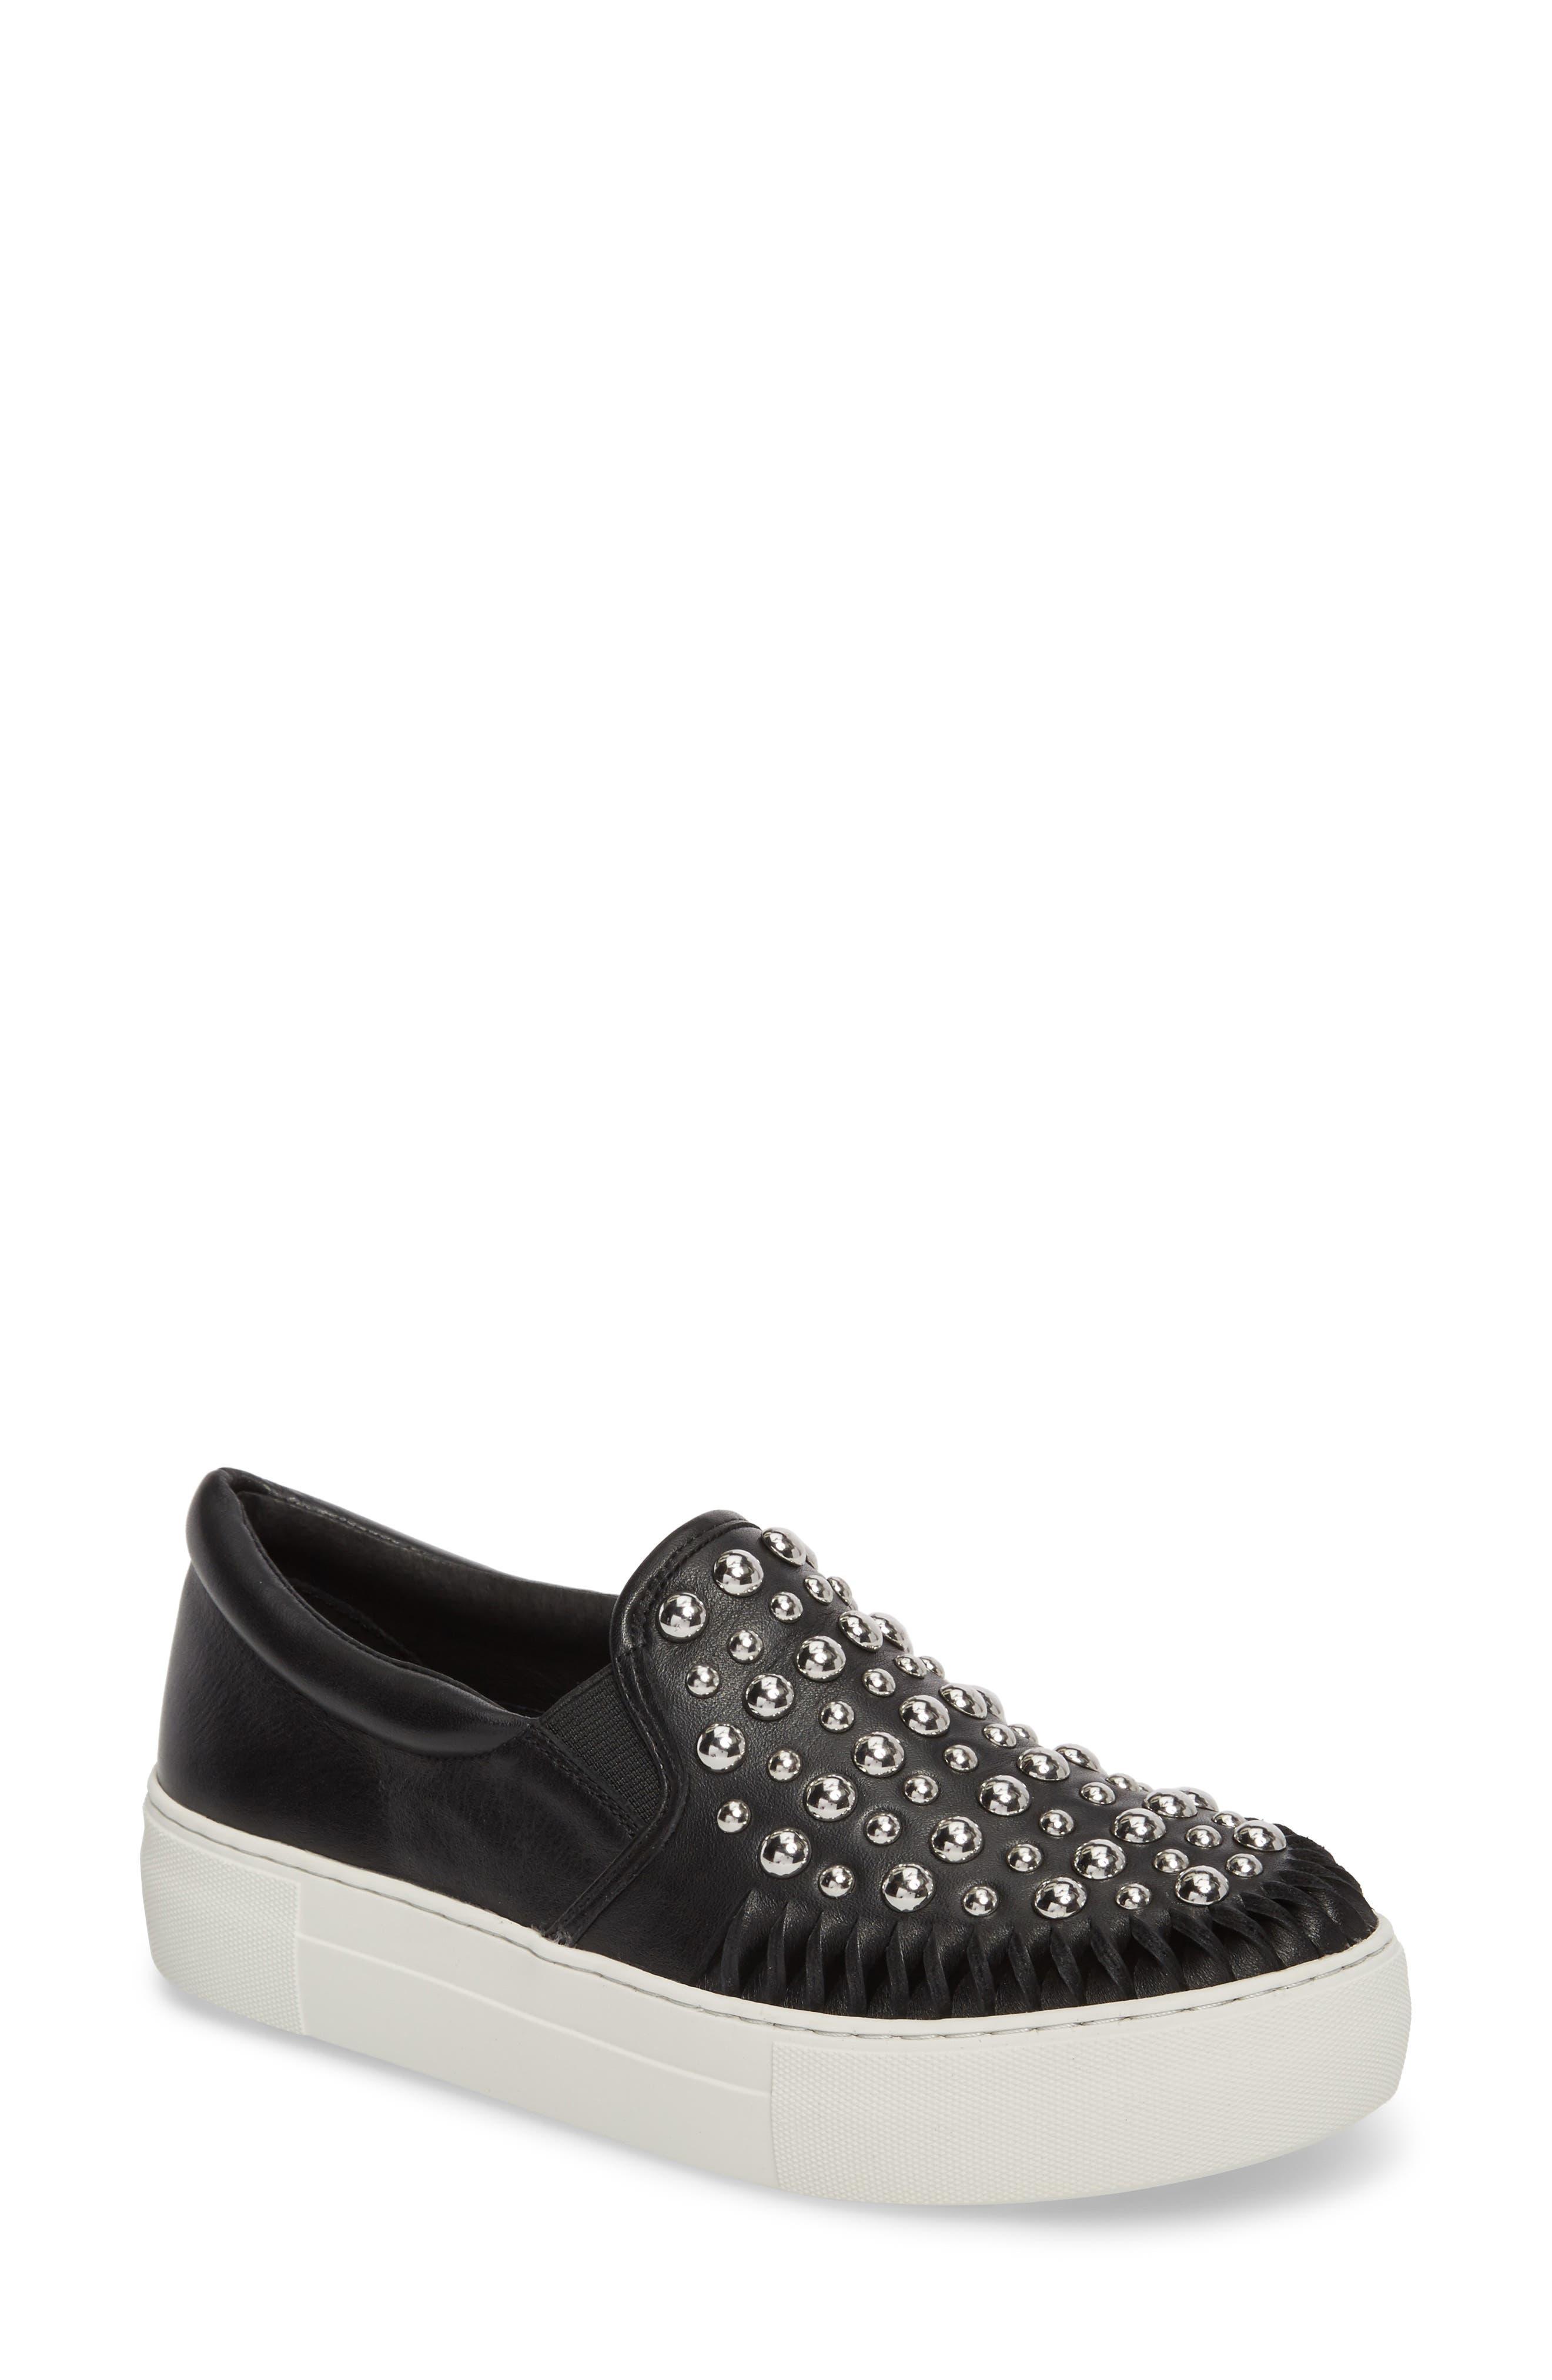 Alternate Image 1 Selected - JSlides AZT Studded Slip-On Sneaker (Women)